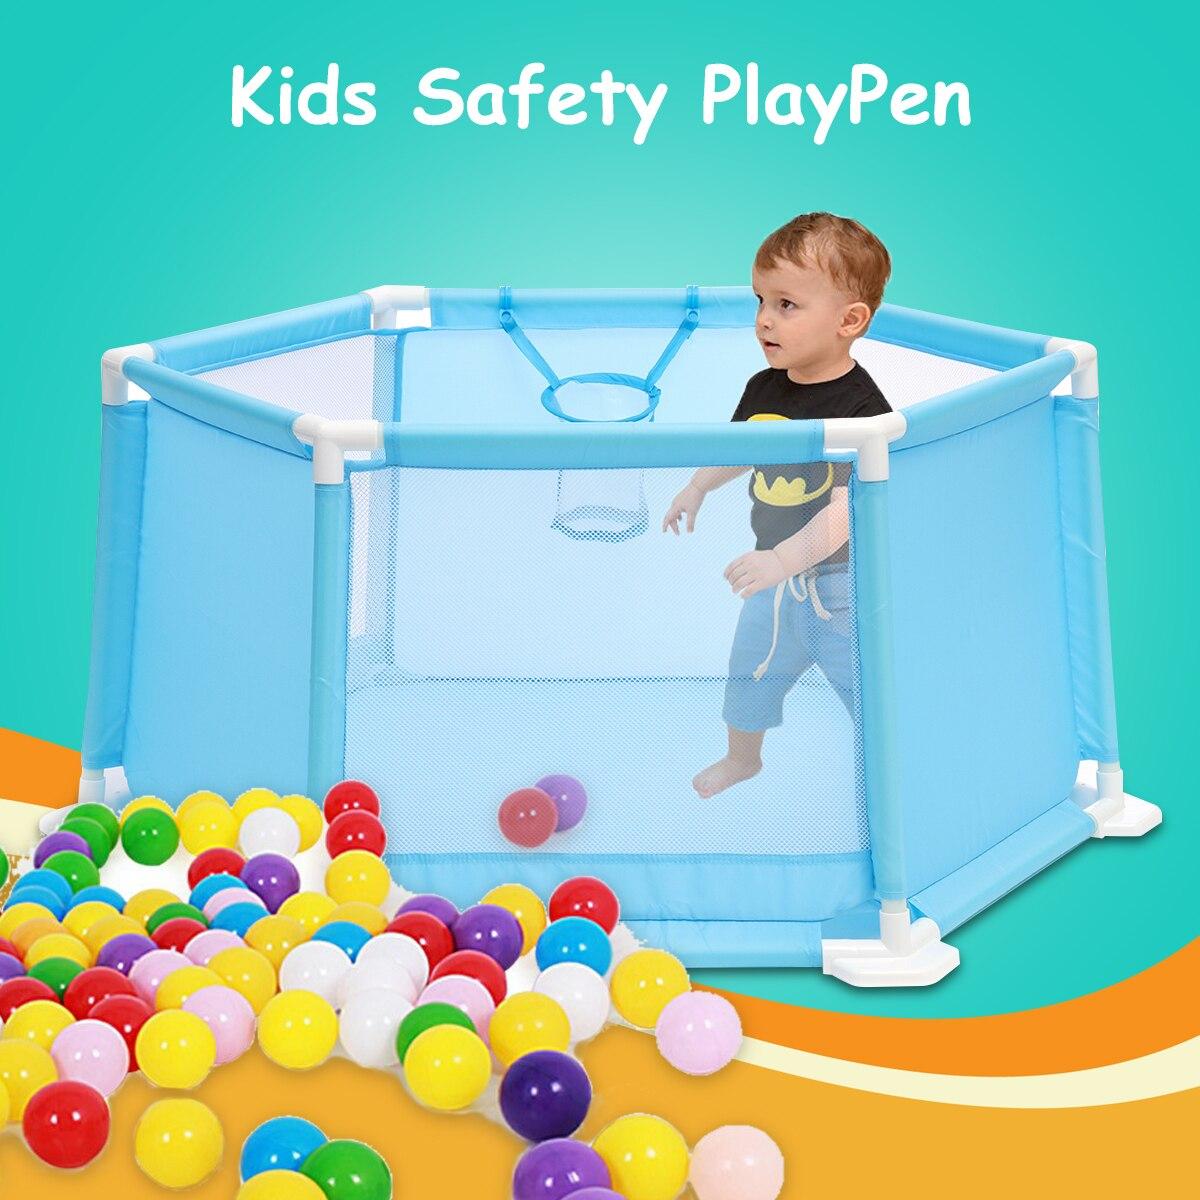 Parc bébé Play Center cour clôture + 50 pièces balles enfants 6 panneau Protection de sécurité 110x49x51 cm intégré caoutchouté pieds pratique